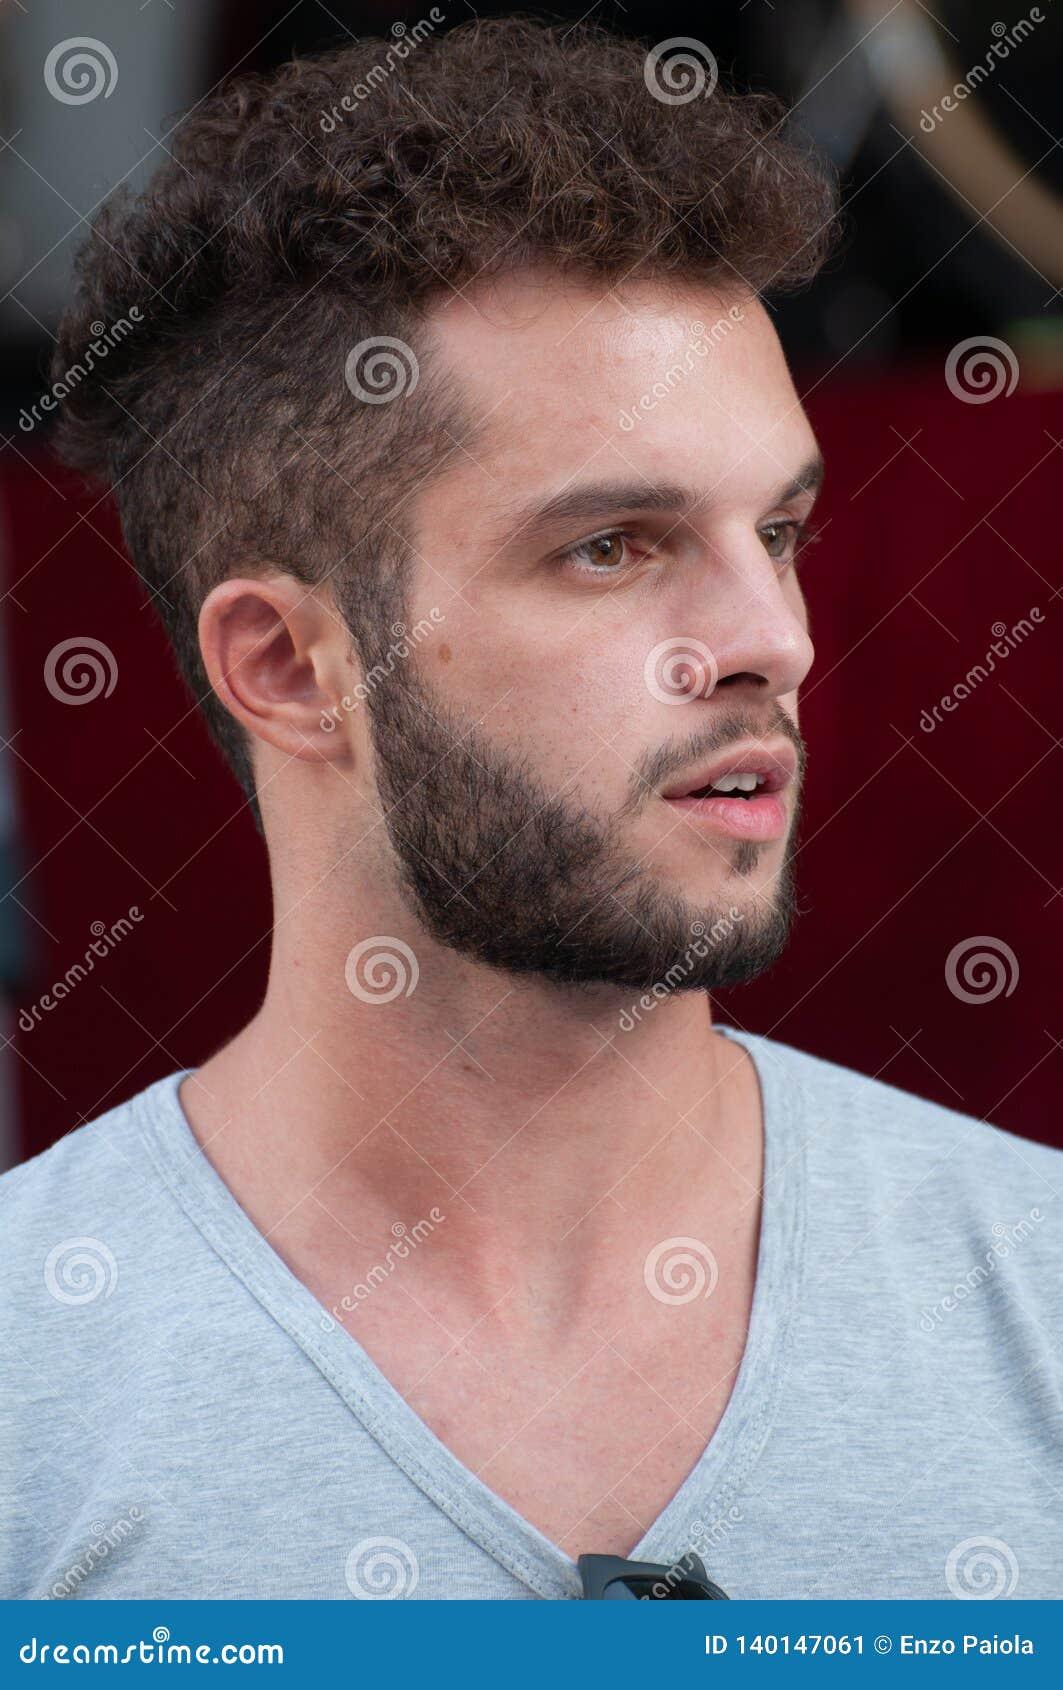 длинной с Полу портрет мальчика с серой футболкой с бородой, semi открытый рот